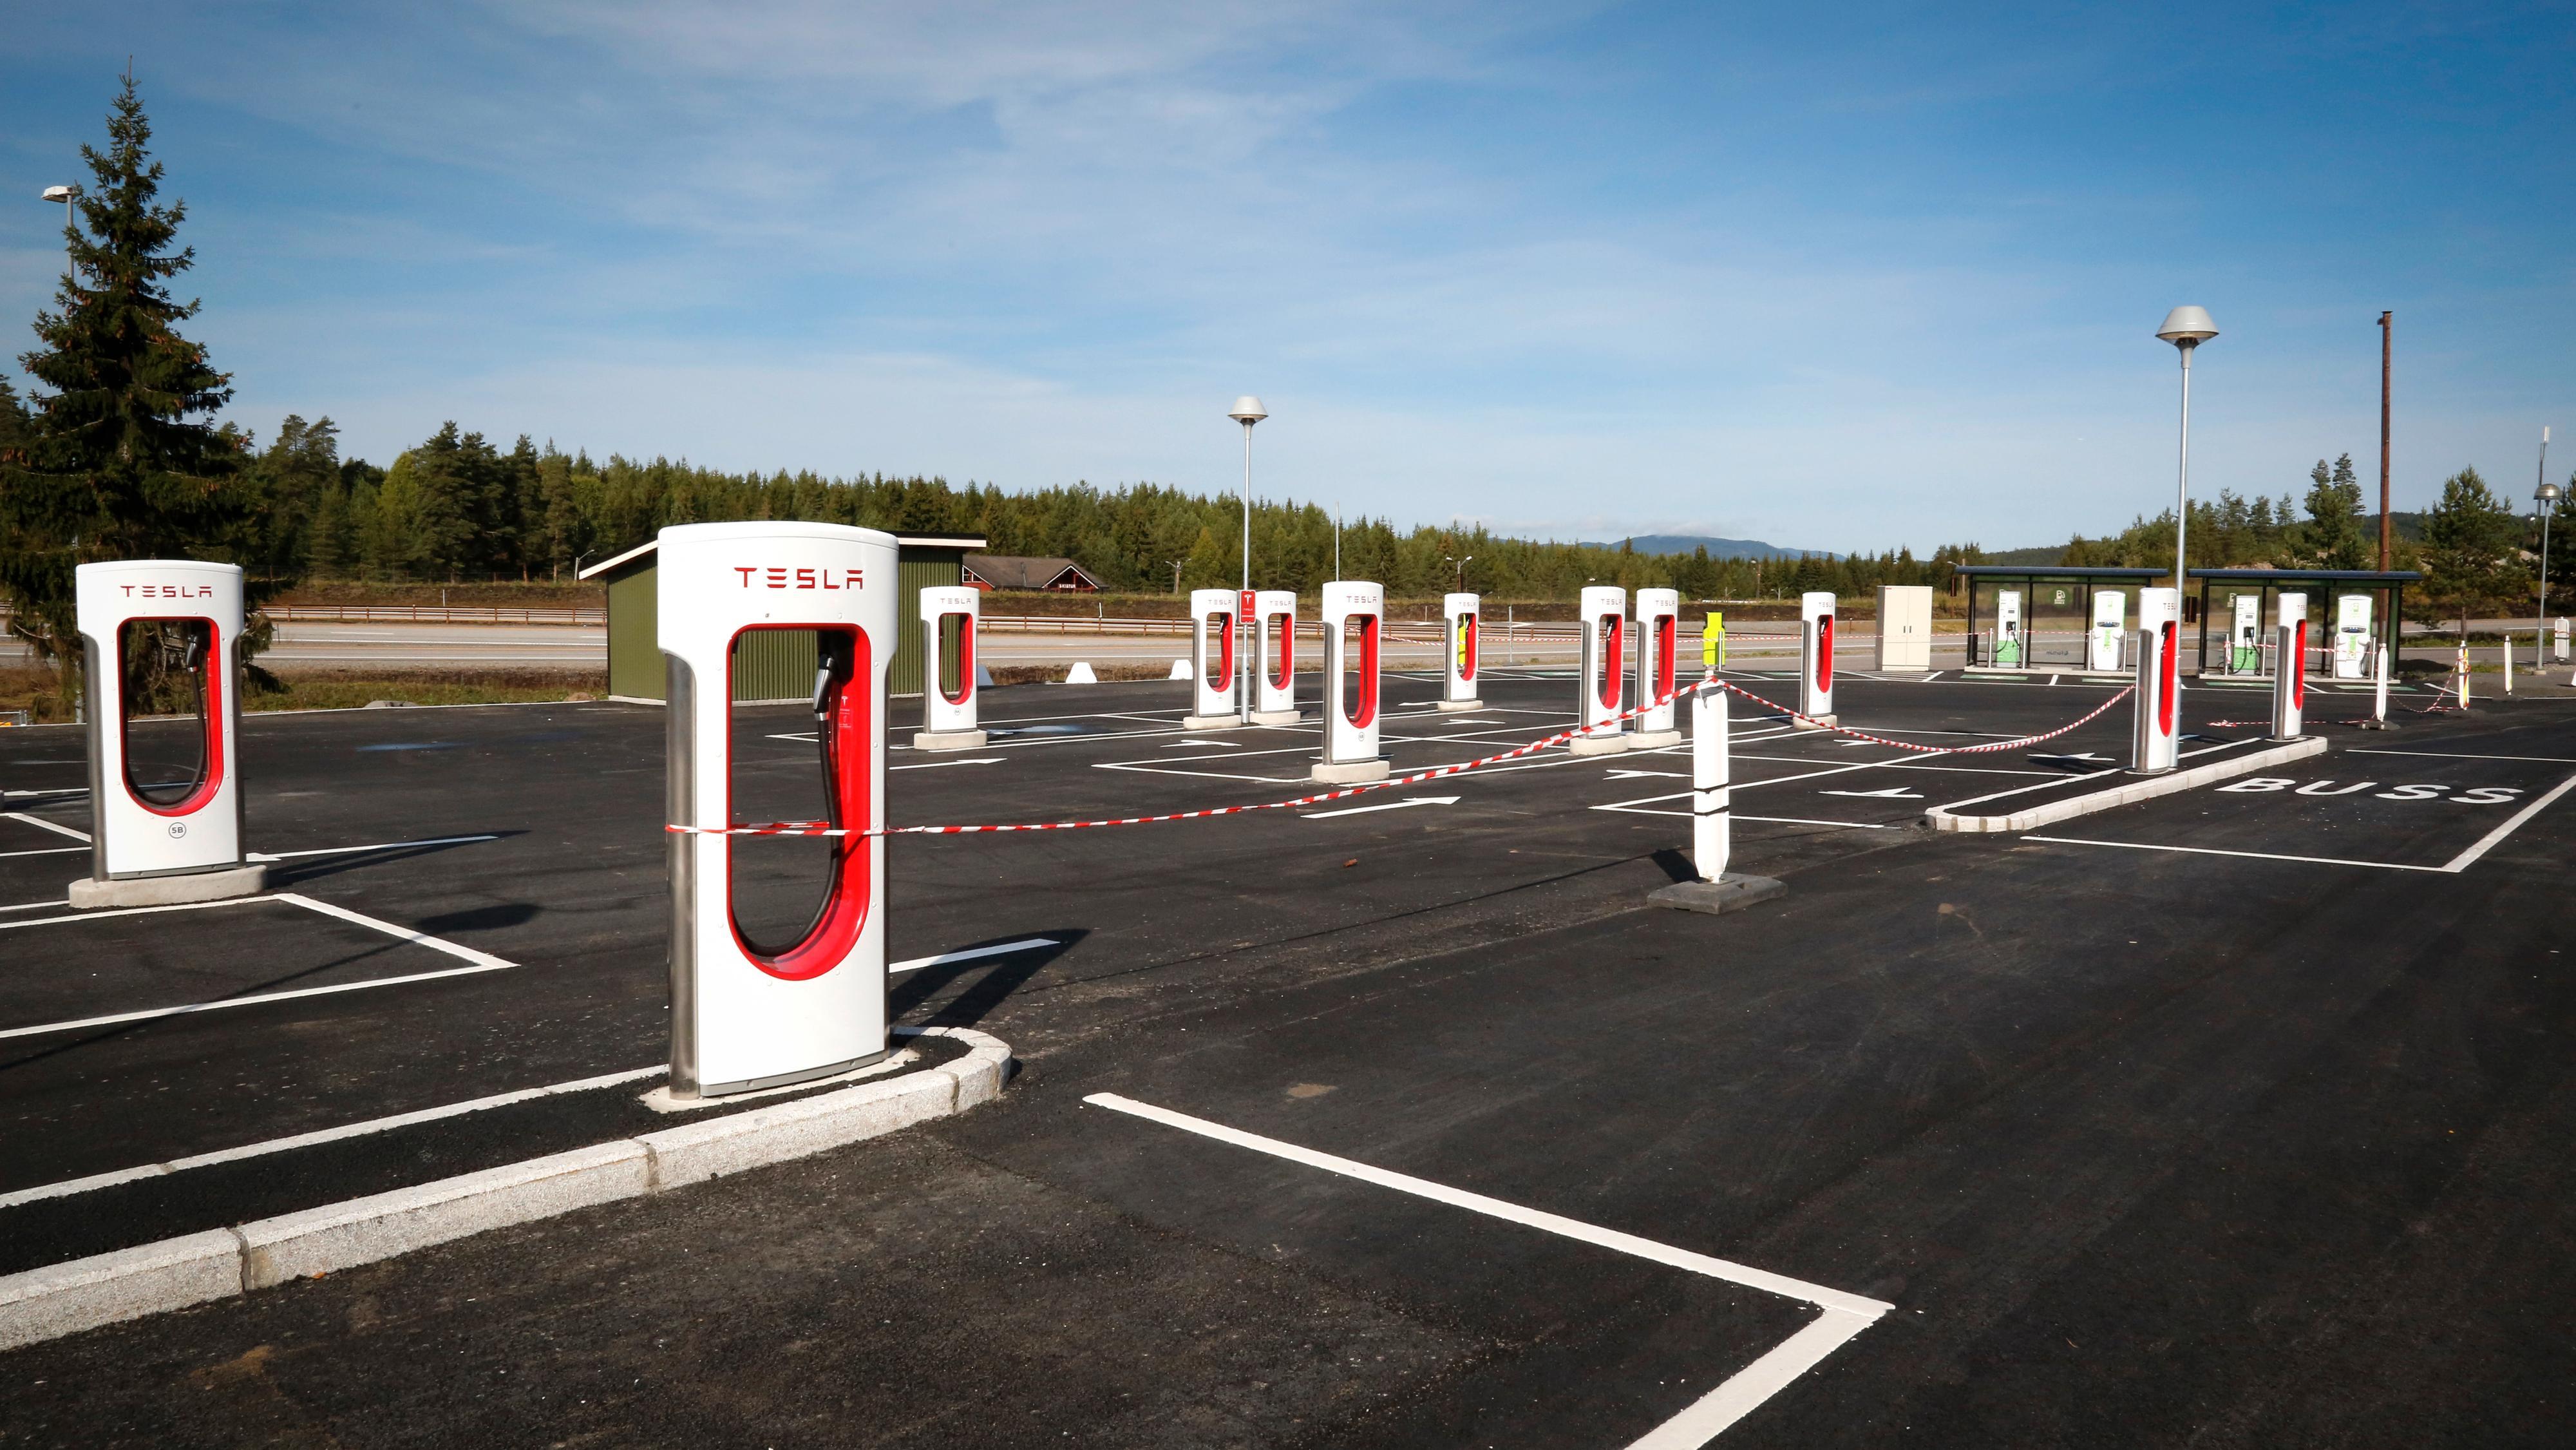 Stappfulle hurtigladere og romslige Supercharger-plasser er blitt et vanlig syn. Det krangles både om tilgangen på slike «lukkede» ladenettverk og om strategien for fremtidig utbygging. Ifølge Elon Musk skal de røde og hvite laderne åpne for andre merker i løpet av året.